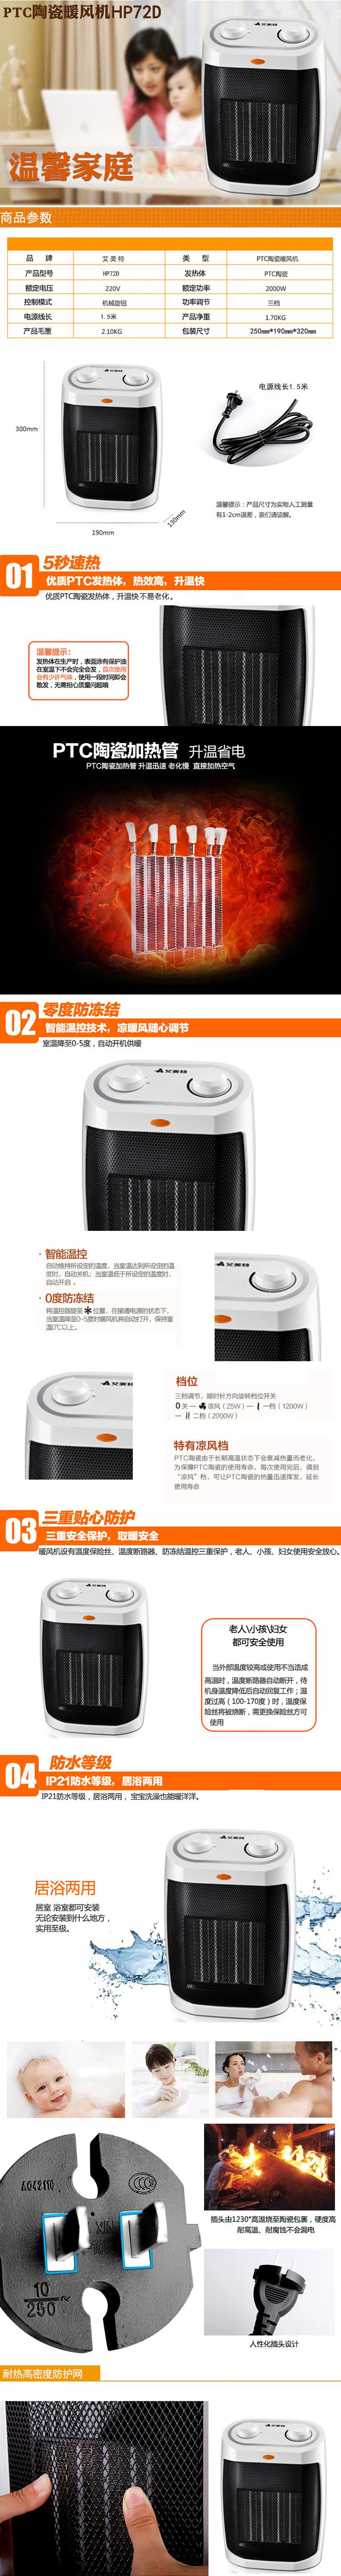 艾美特 hp72d室内加热器(ptc暖风机)